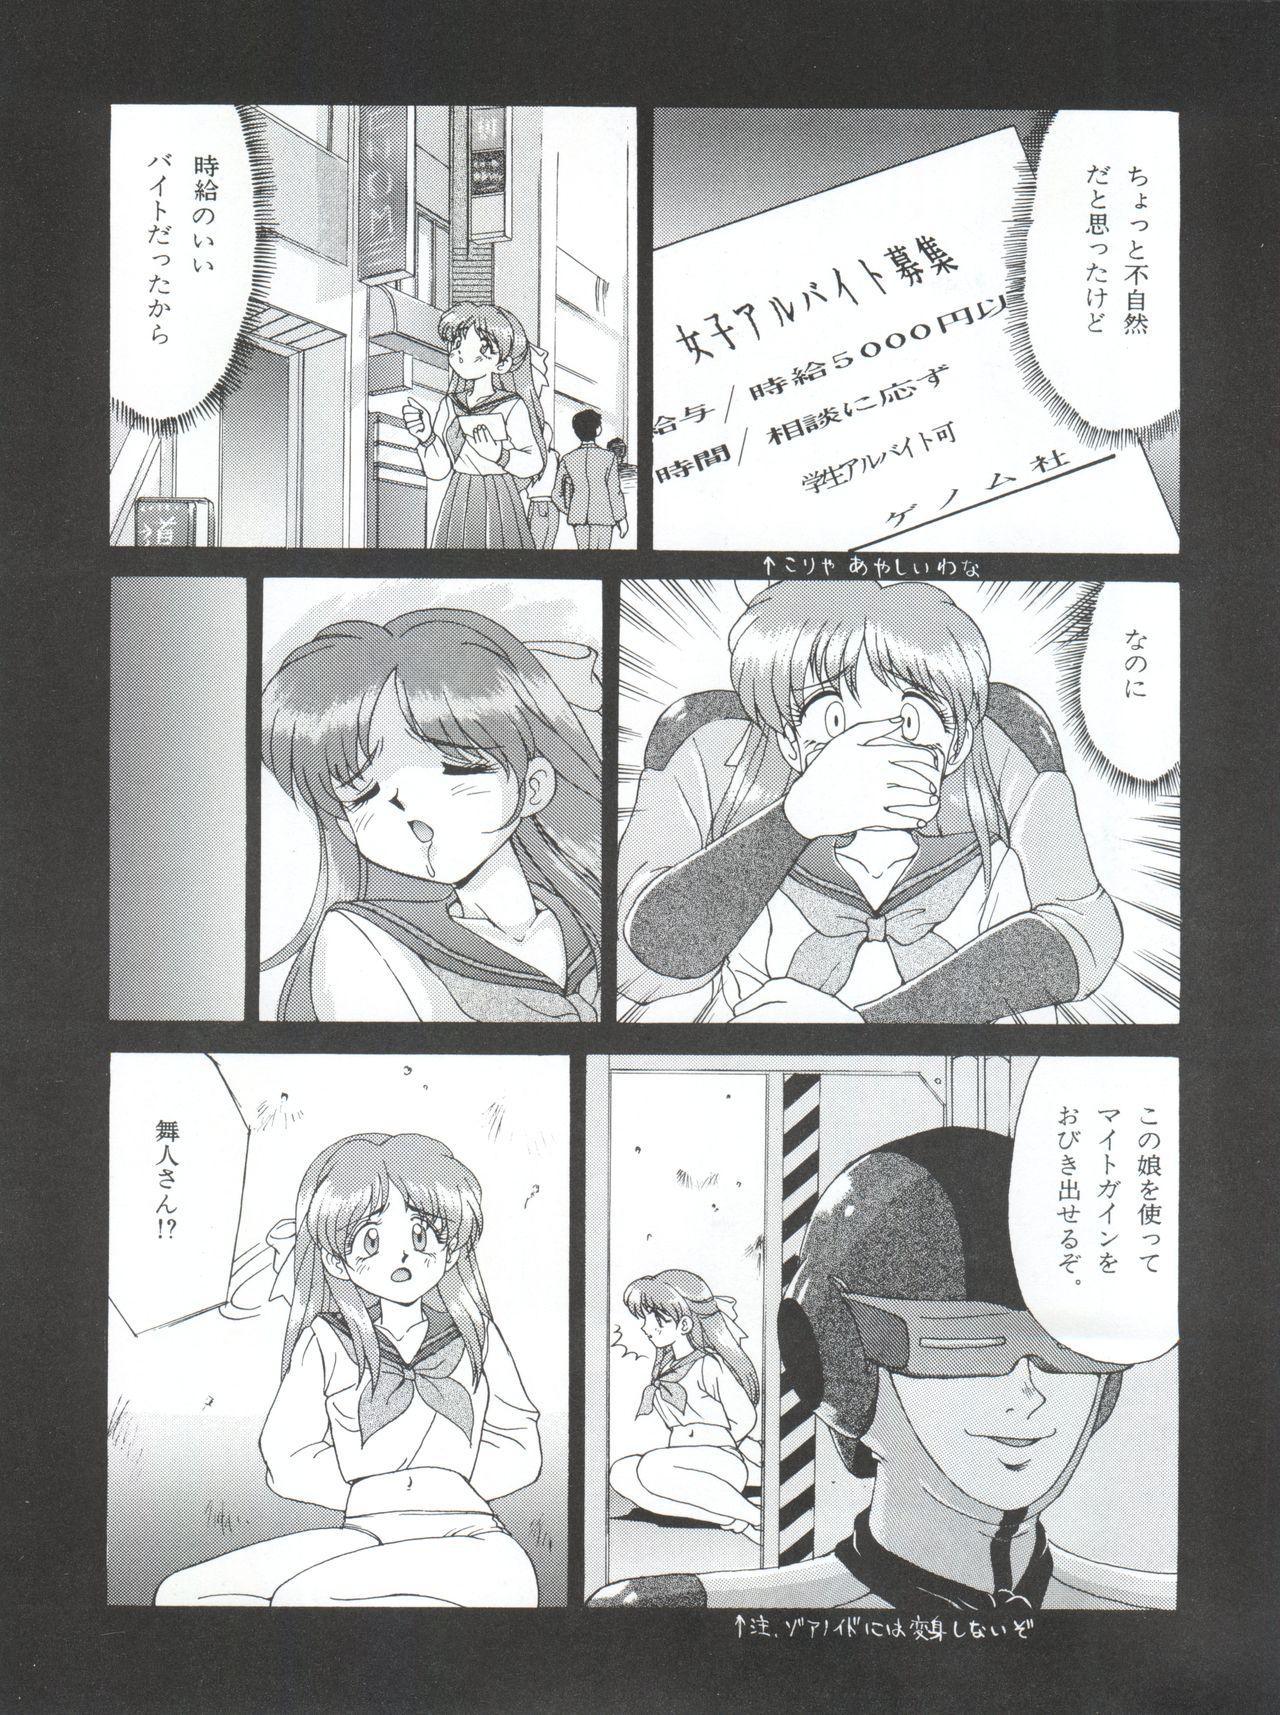 NANIWA-YA FINAL DRESS UP! 47